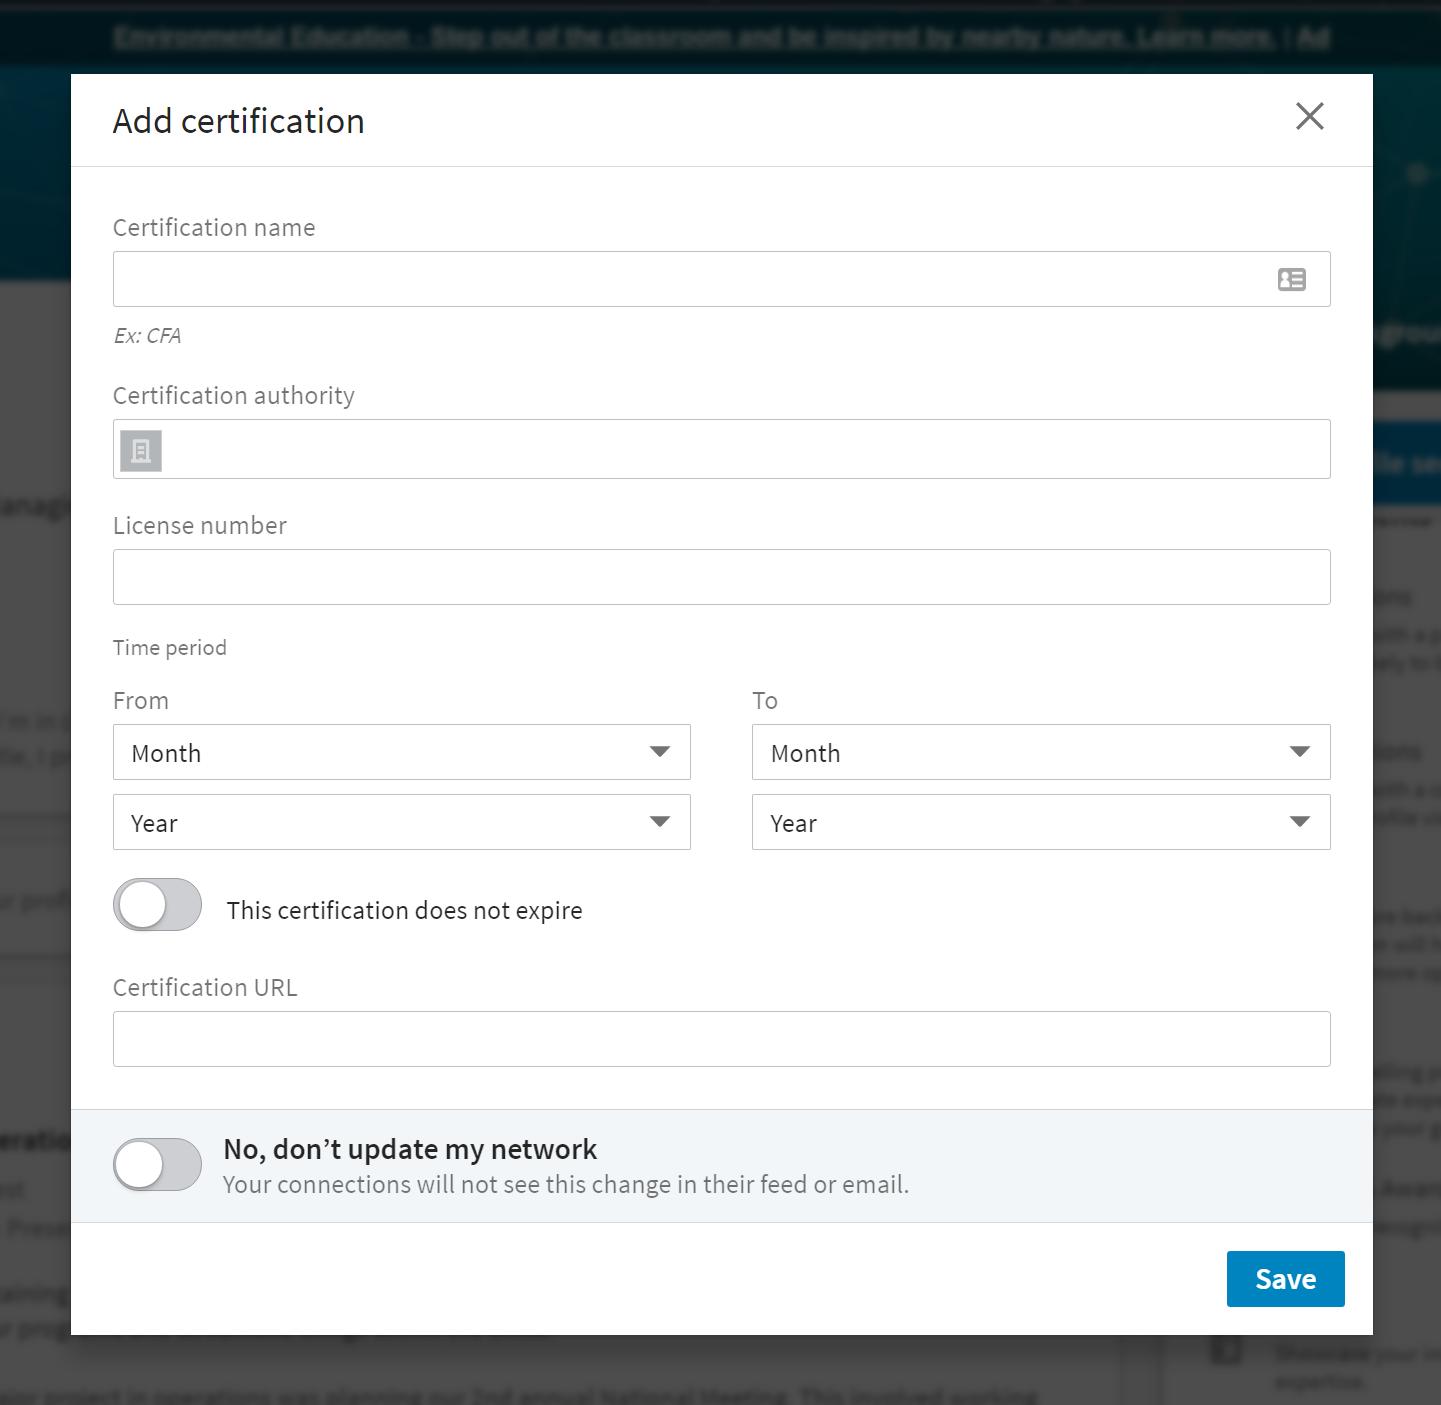 Add certification on LinkedIn